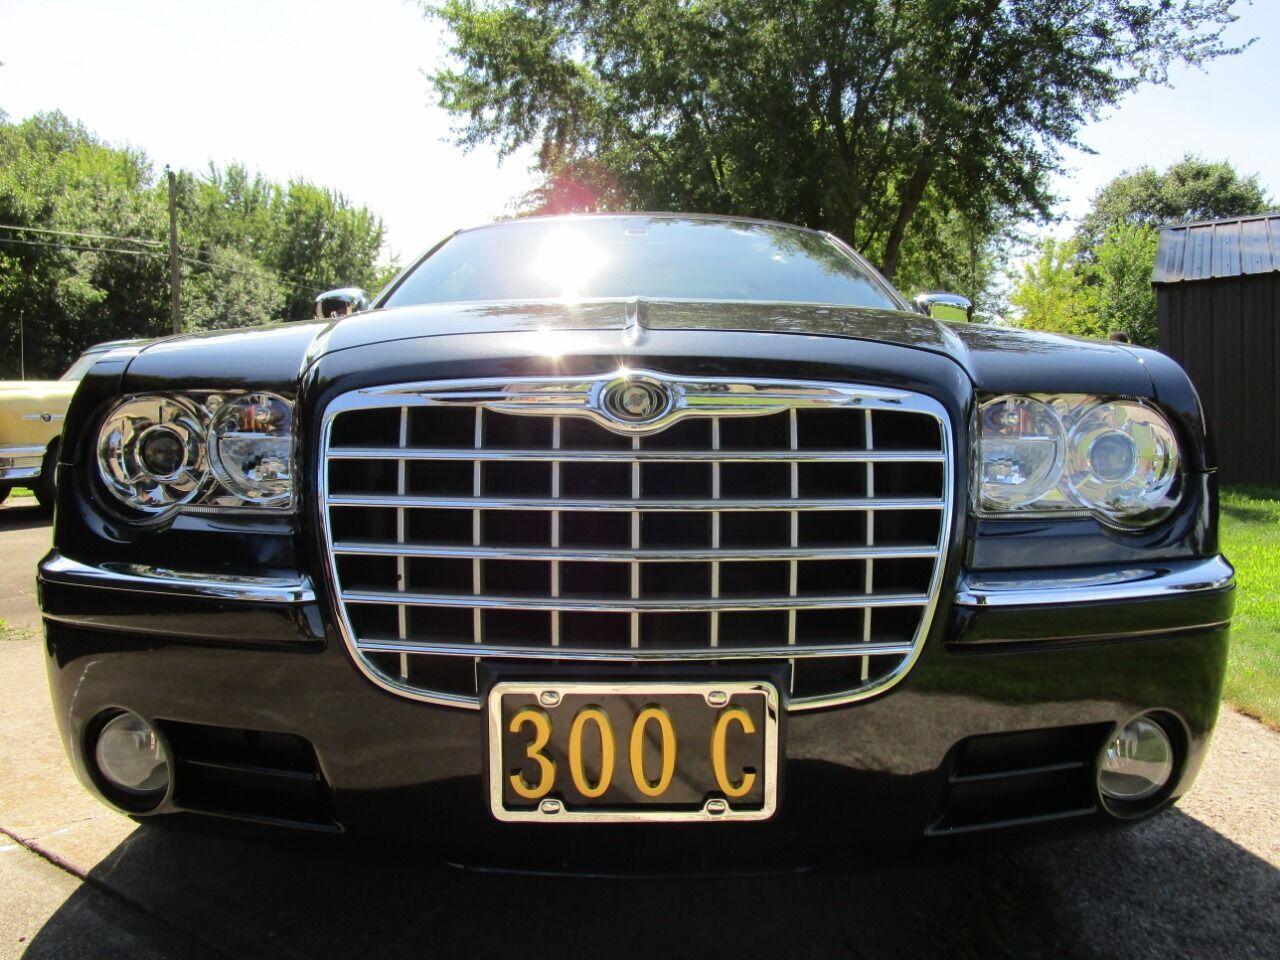 2006 Chrysler 300 4